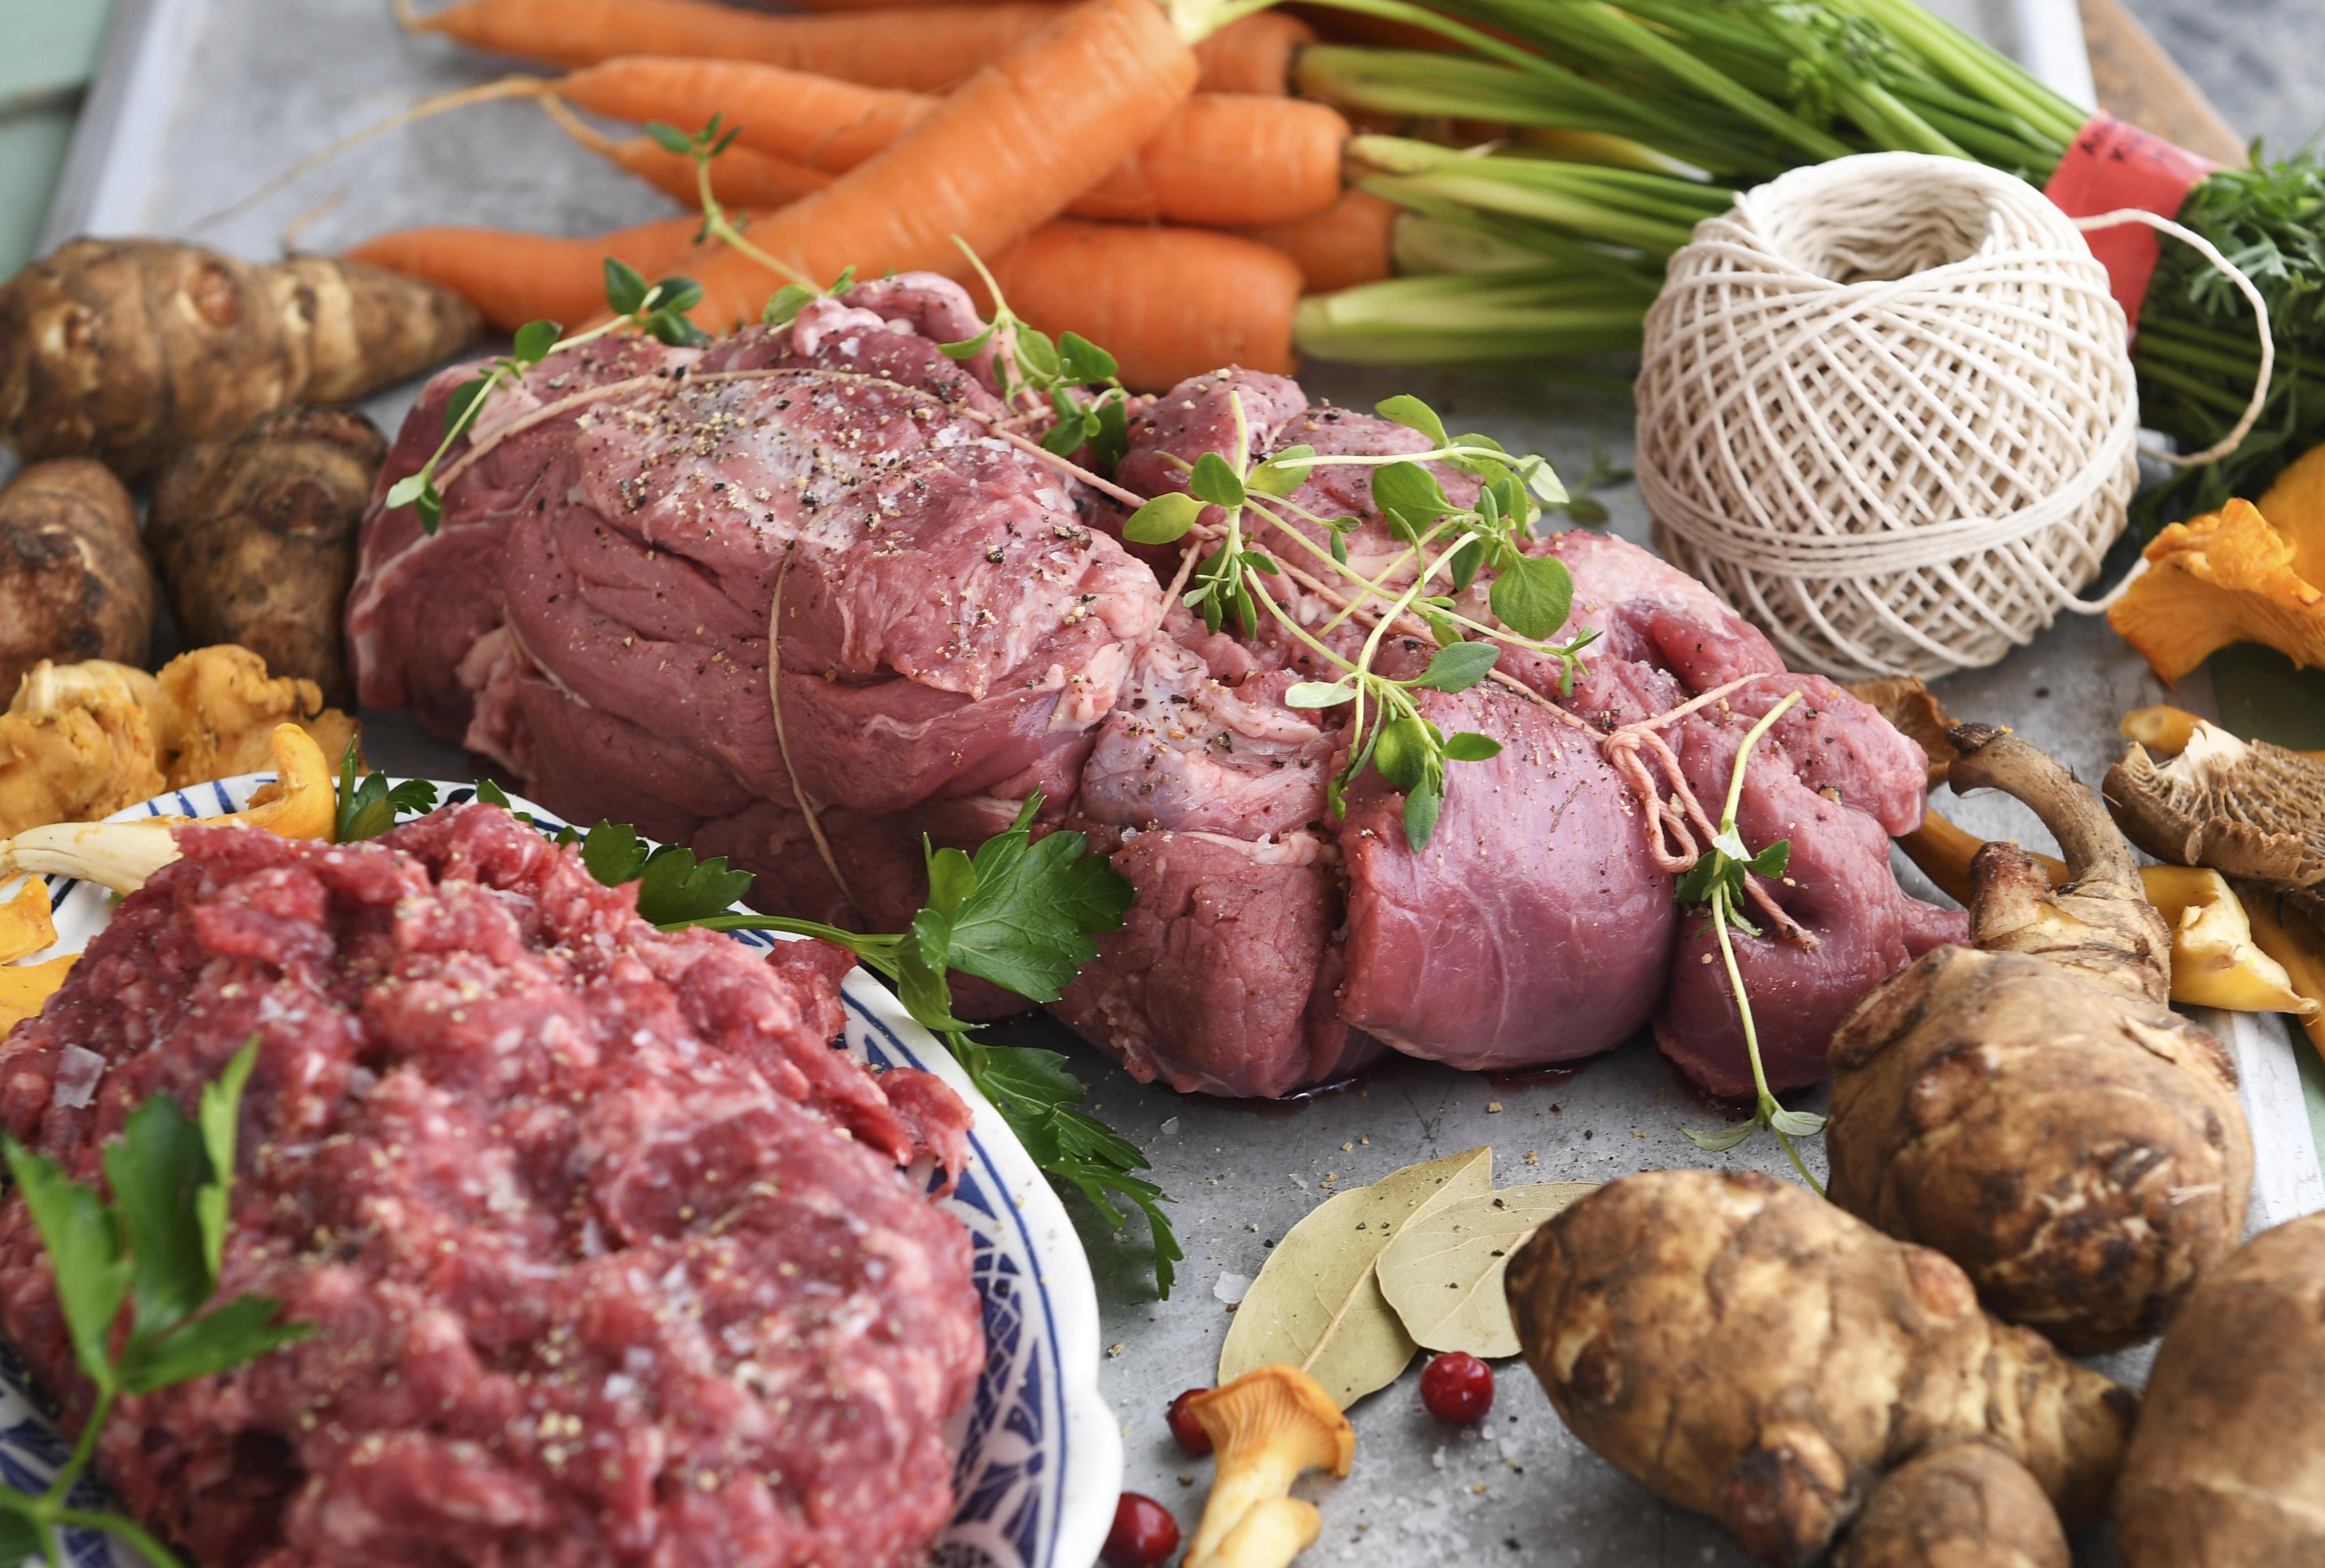 varför ska man inte äta kött miljö